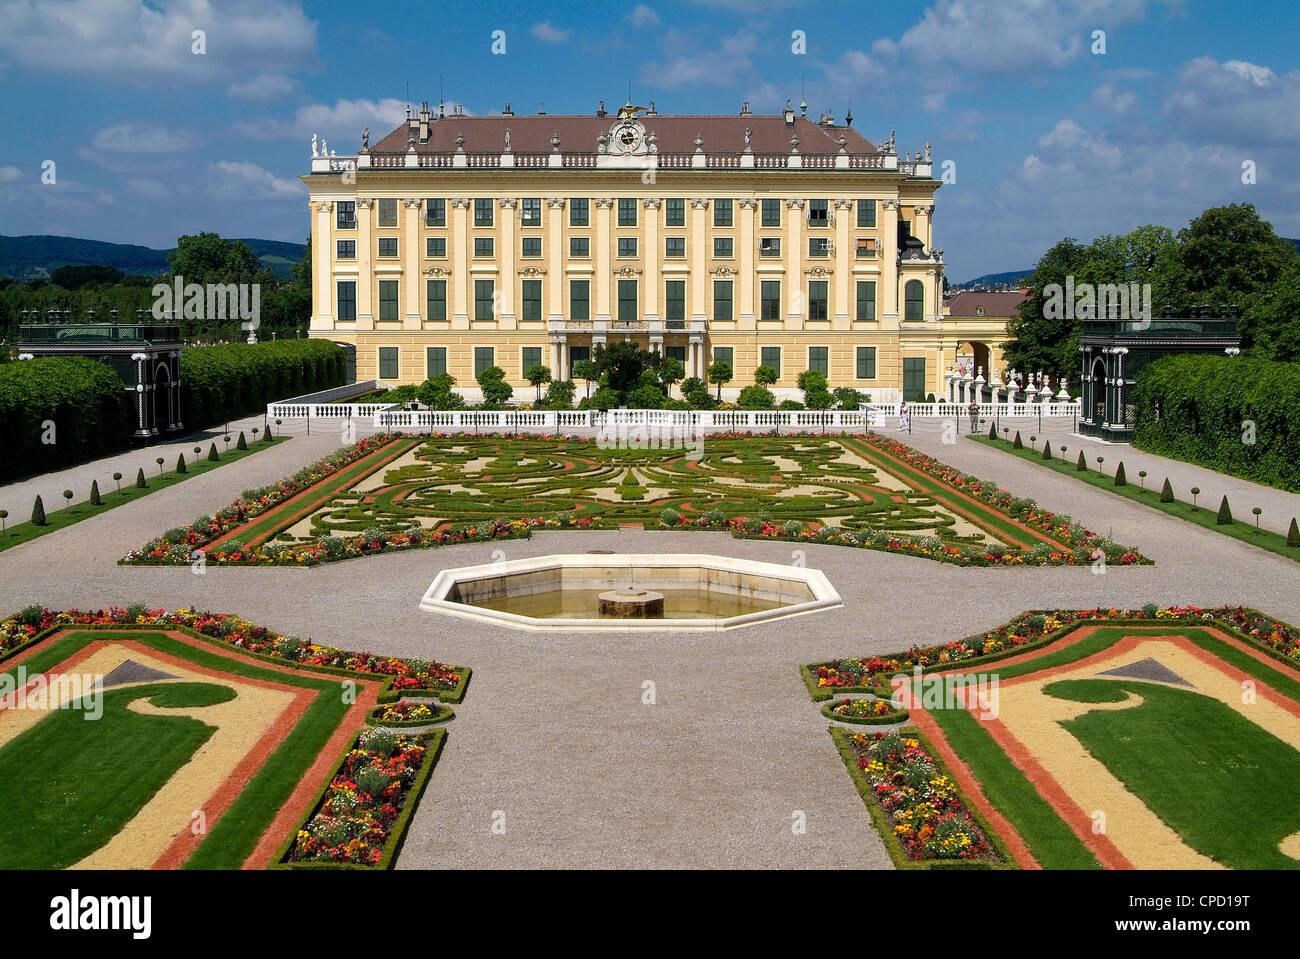 Palazzo di Schonbrunn, Sito Patrimonio Mondiale dell'UNESCO, Vienna, Austria, Europa Immagini Stock